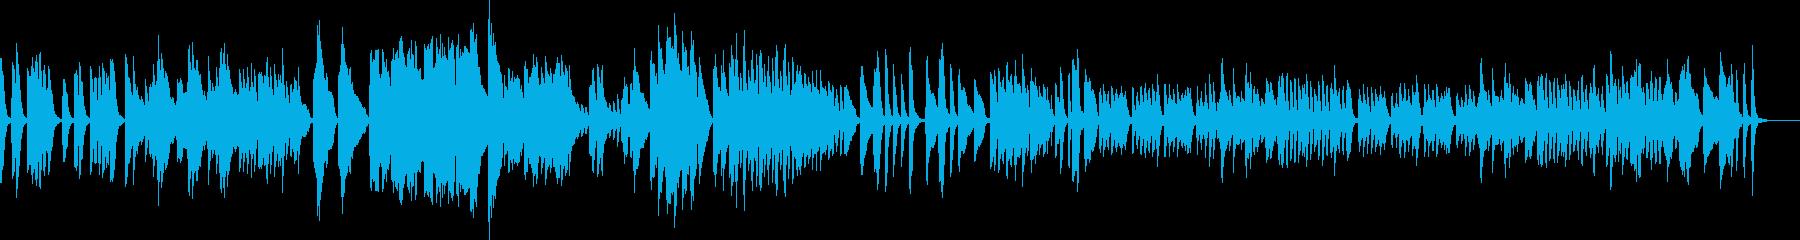 アイネクライネ 軽快なソロピアノショートの再生済みの波形